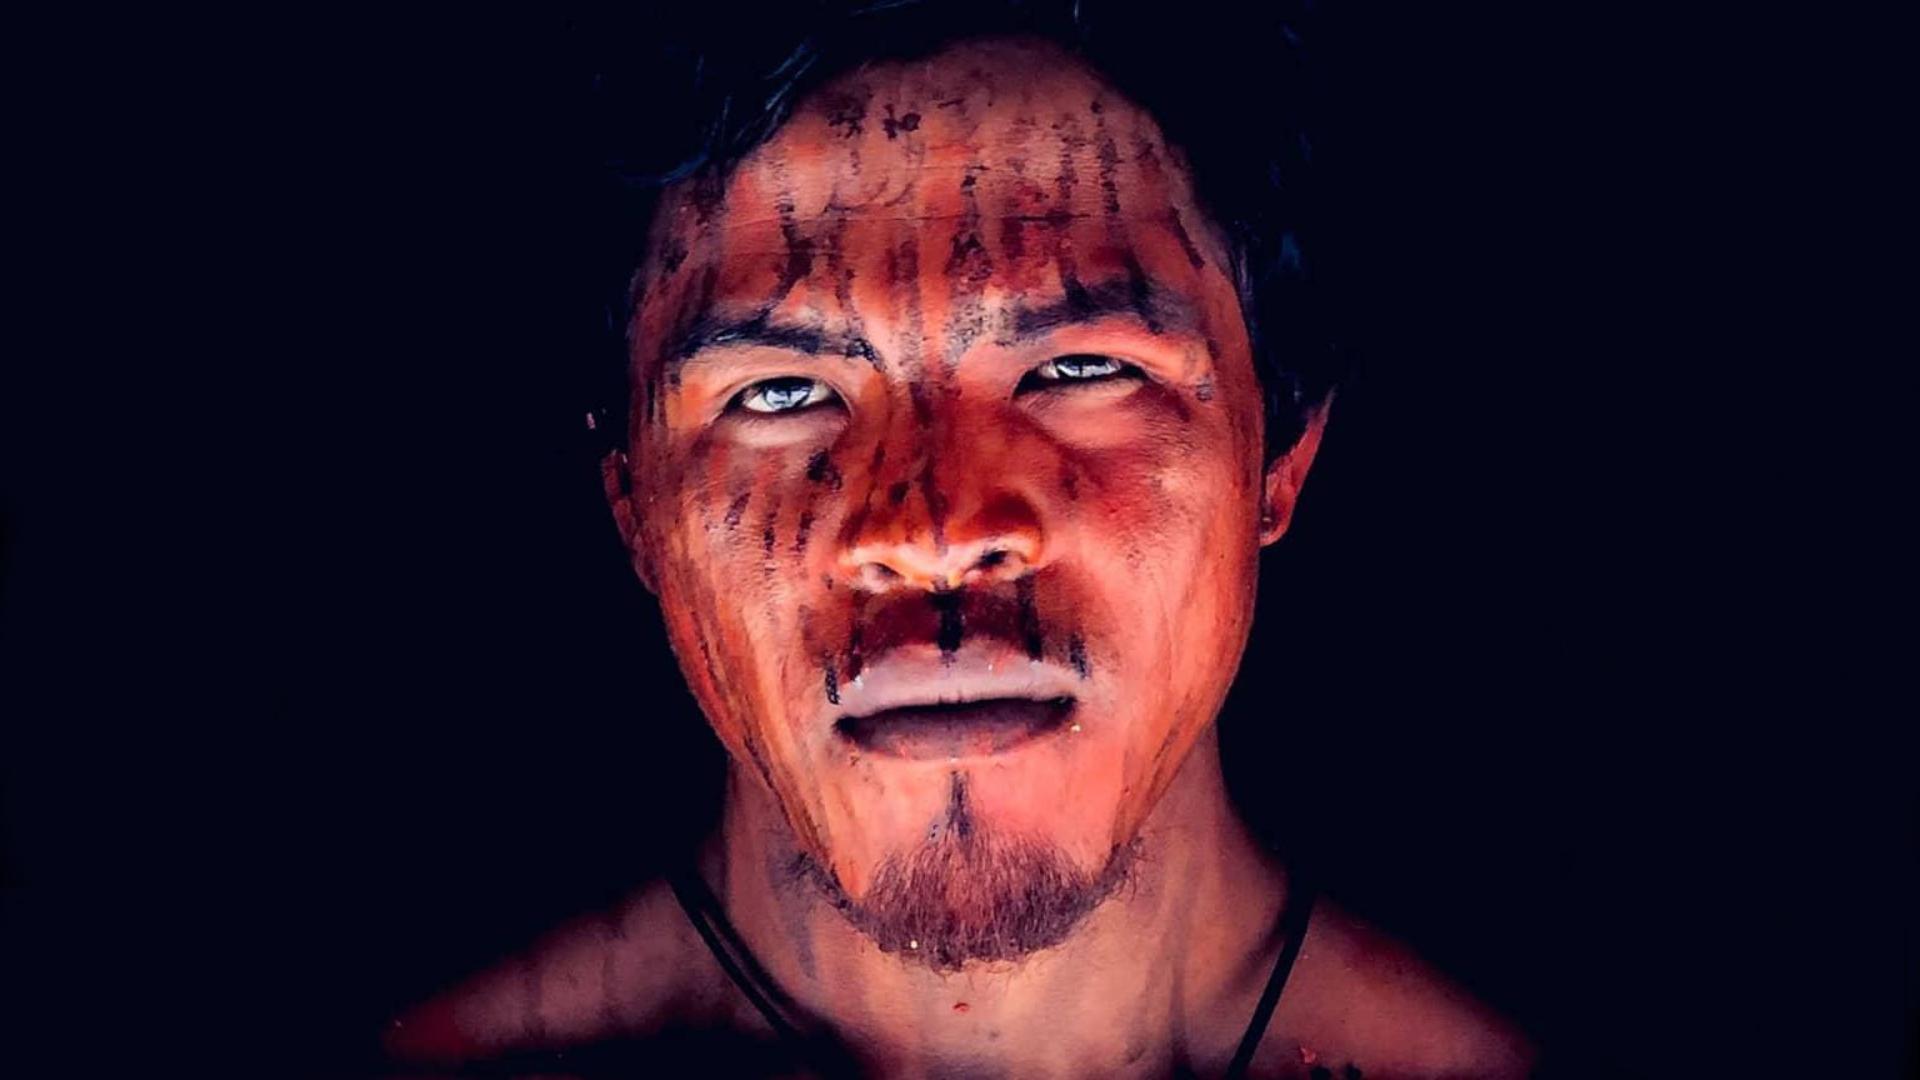 Terras Indígenas Arariboia e Vale do Javari são atacadas a tiros na Amazônia: um líder Guajajara é morto